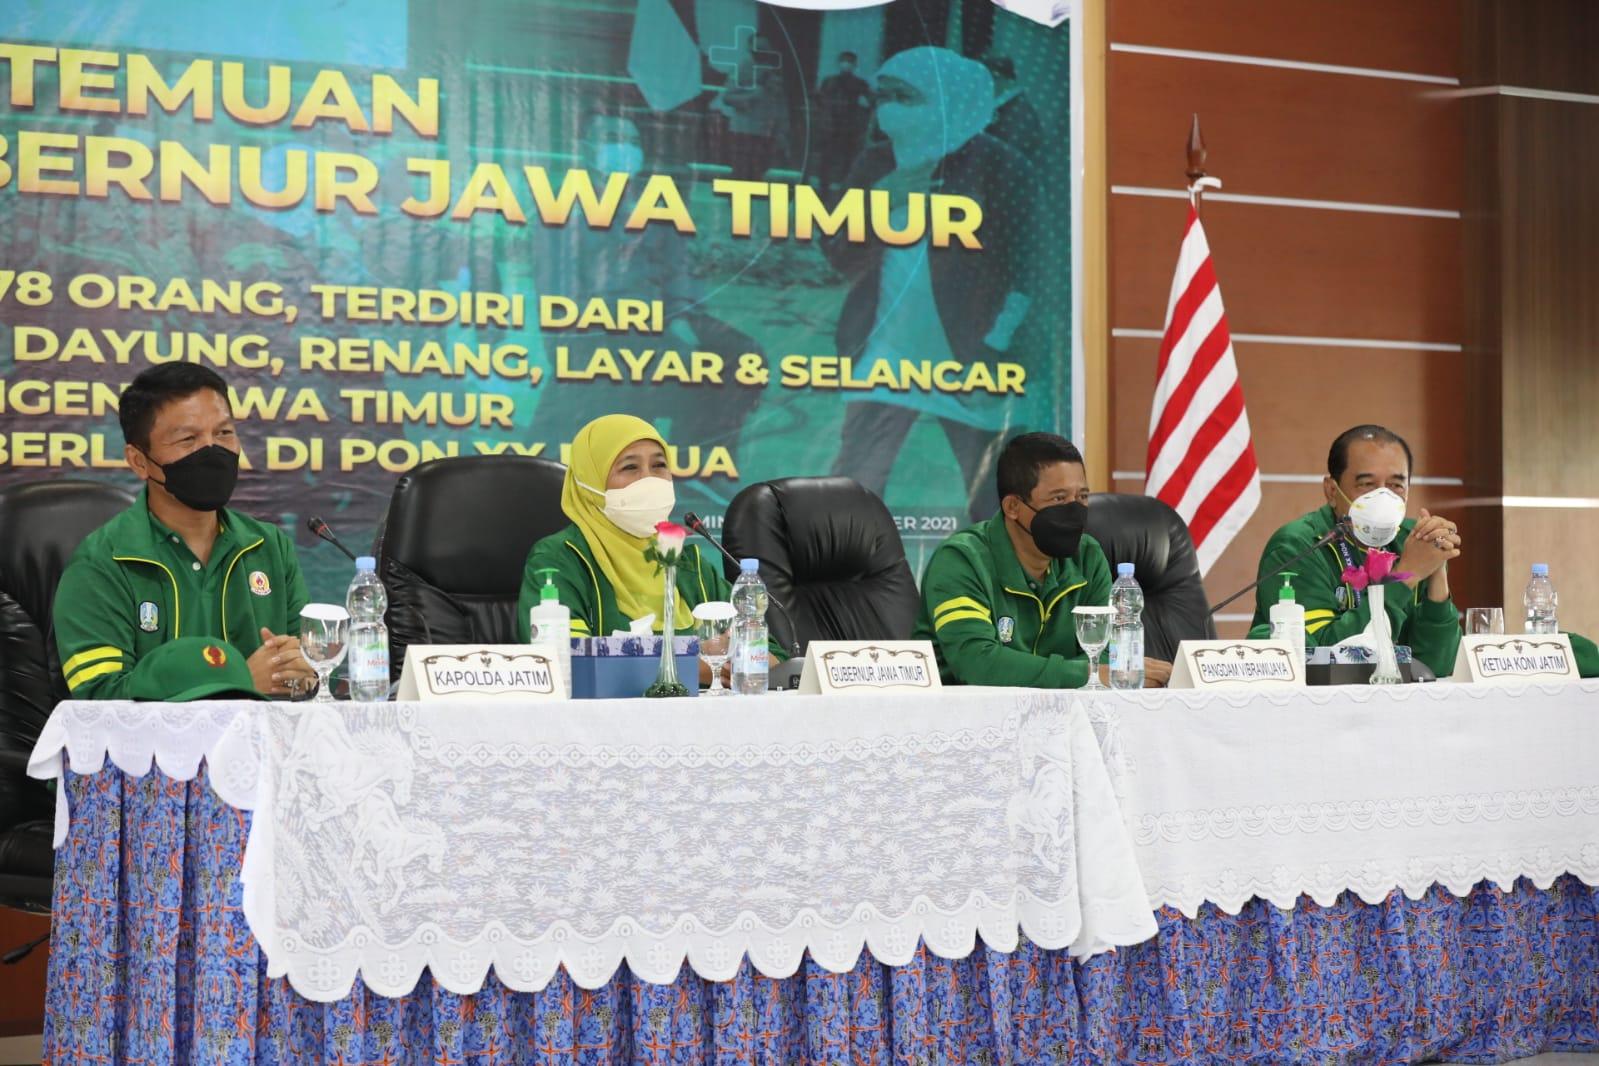 Datang Ke Papua, Forkompimda Jatim Pompa Semangat Juang Para Atlit Jatim. Gubernur Khofifah : Jaga Persaudaraan, Raih Prestasi, Bawa Medali Emas Sebanyak-banyaknya